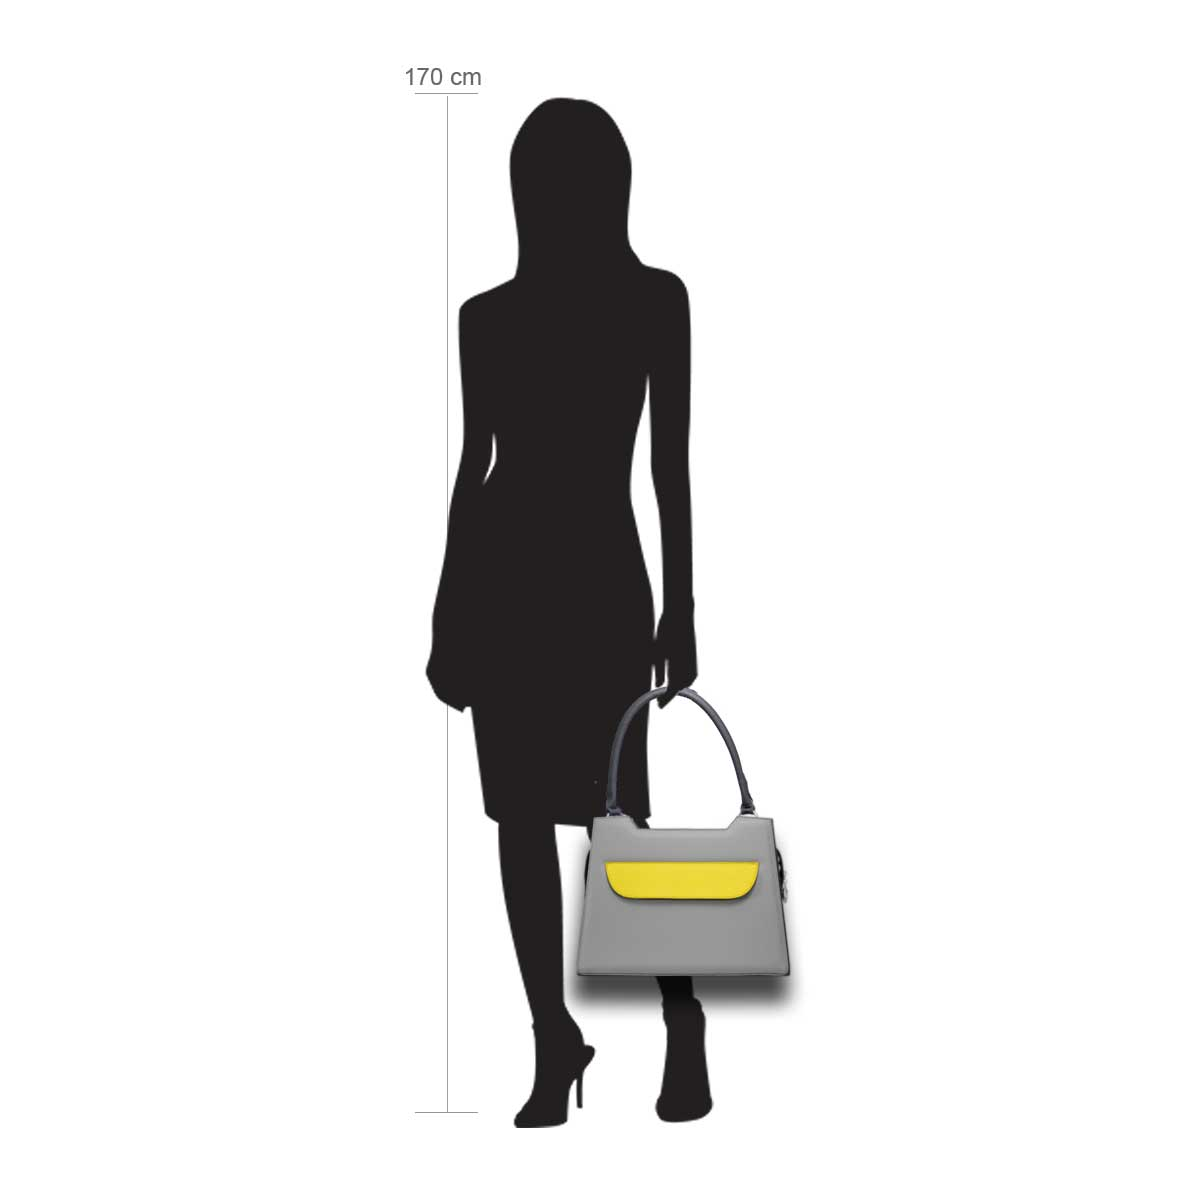 Puppe 170 cm groß zeigt die Taschengröße an . Modell: Lissabon grau gelb